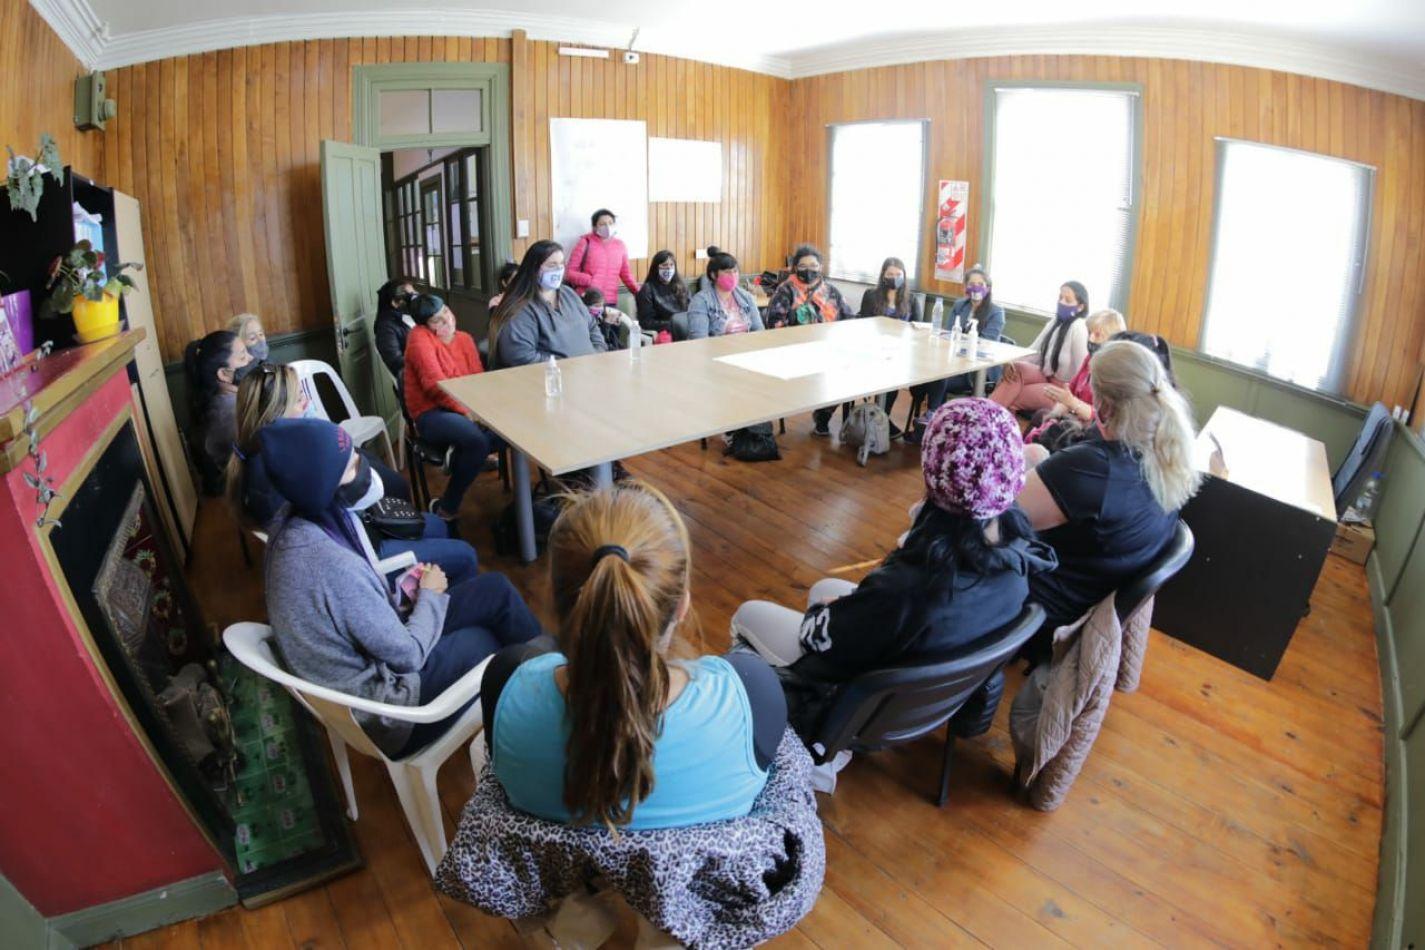 Estuvieron presentes la secretaria de la Mujer, Género y Diversidad, Alejandra Arce, y la subsecretaria de Participación Ciudadana, Susana Donatti.